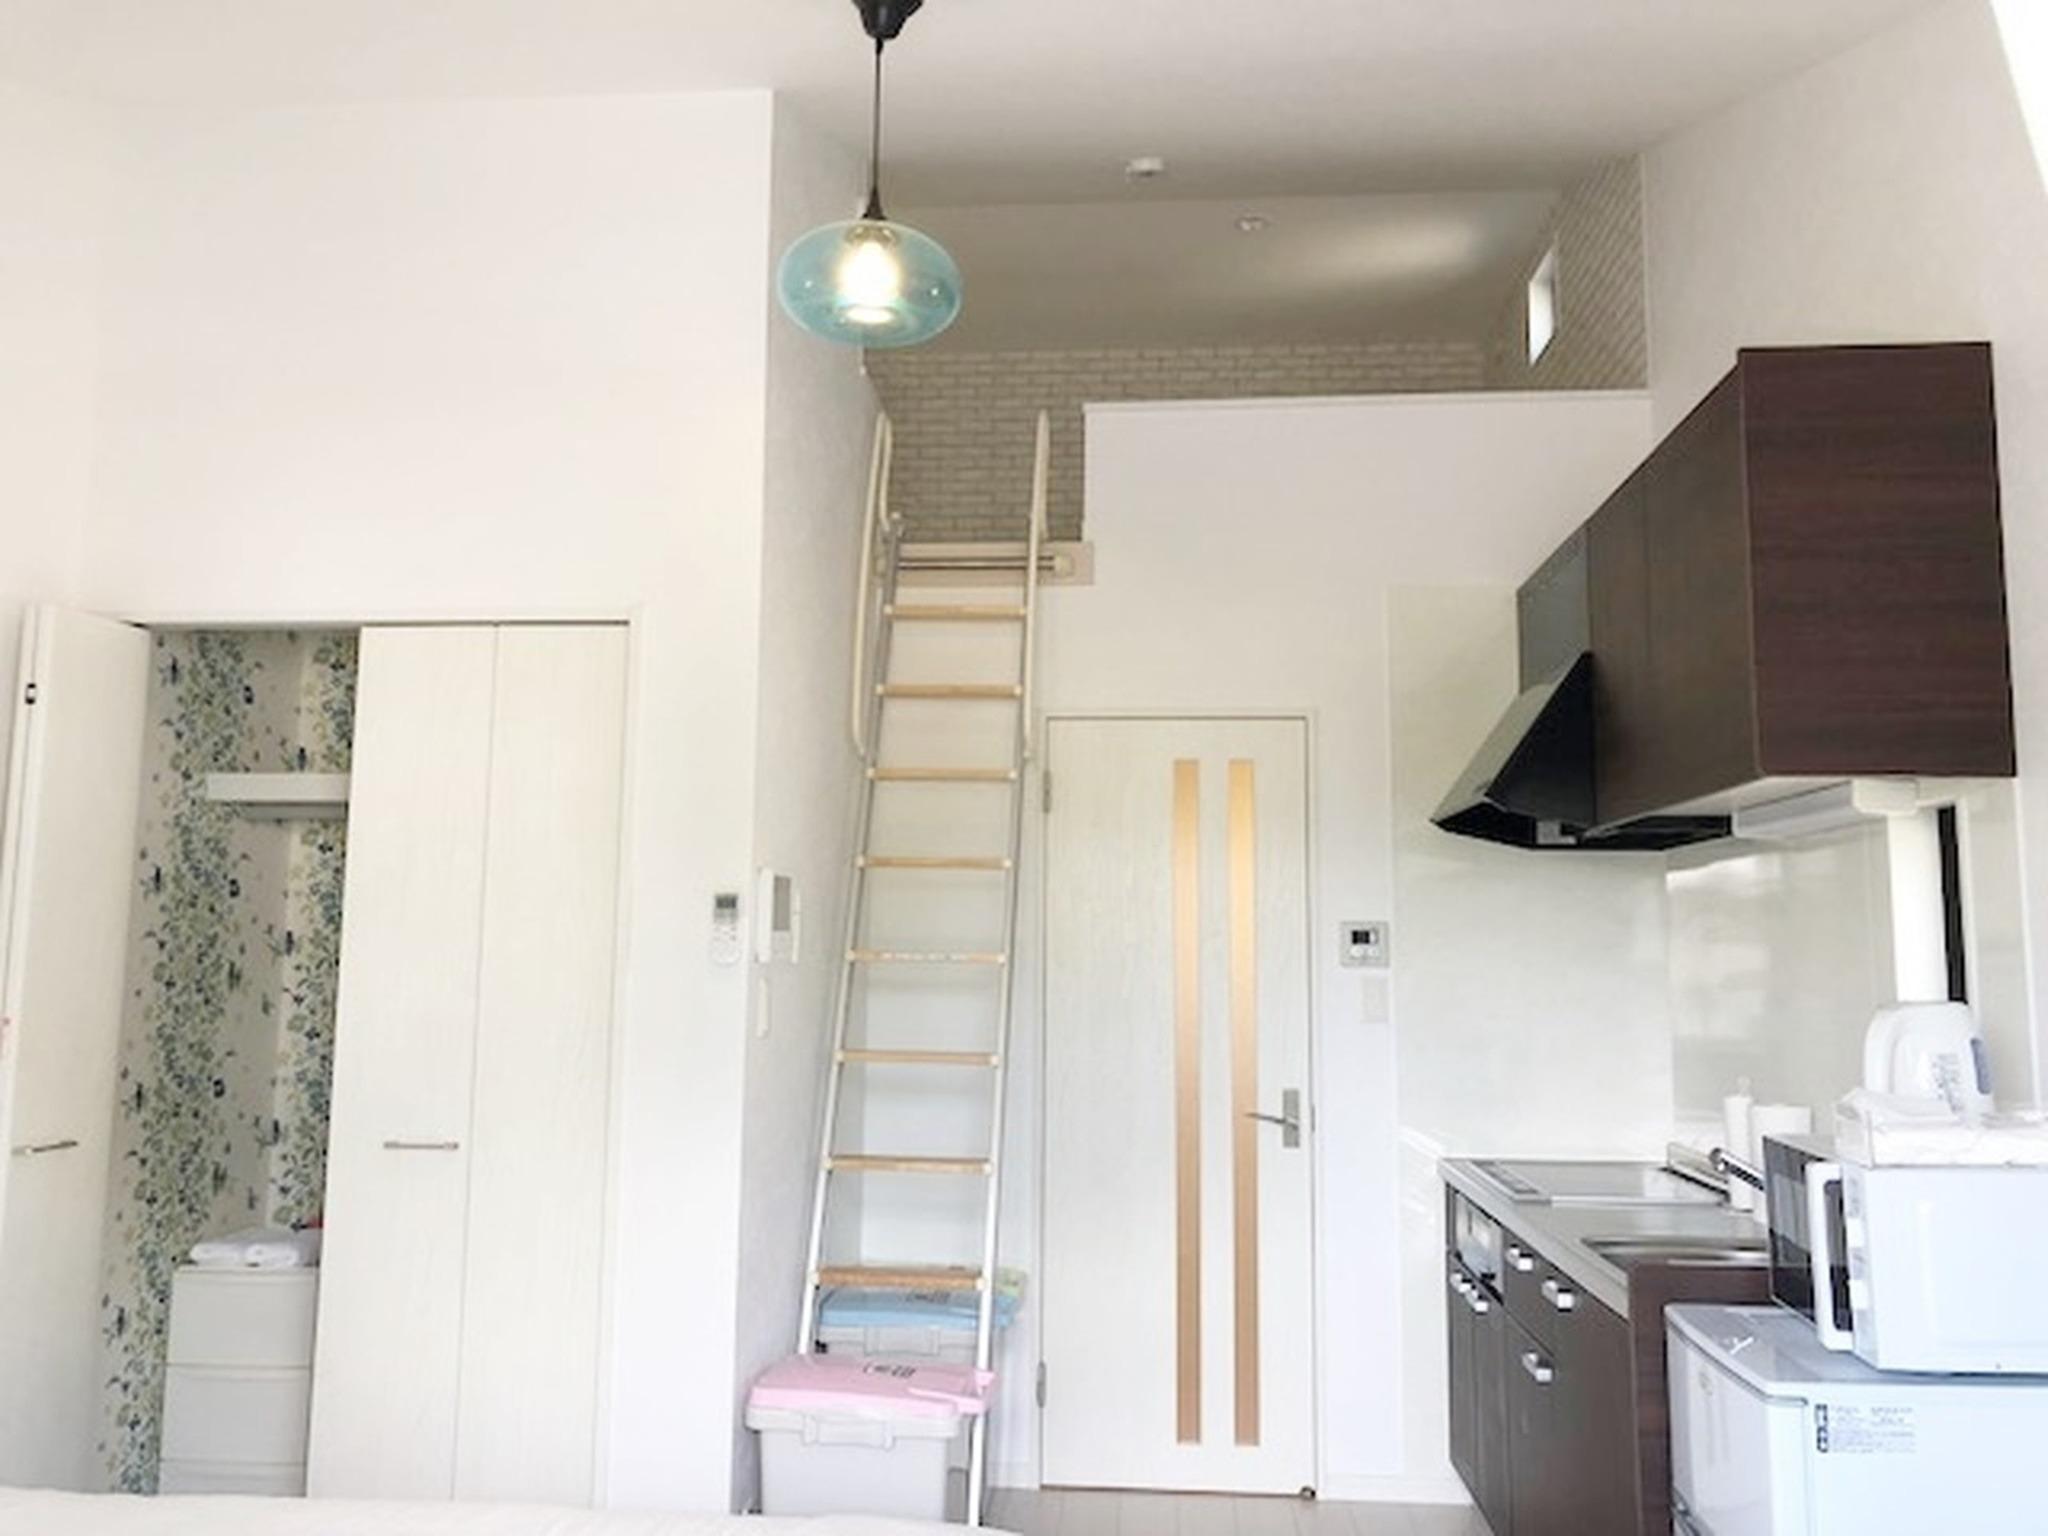 ロフトありで天井も高く開放感があります!